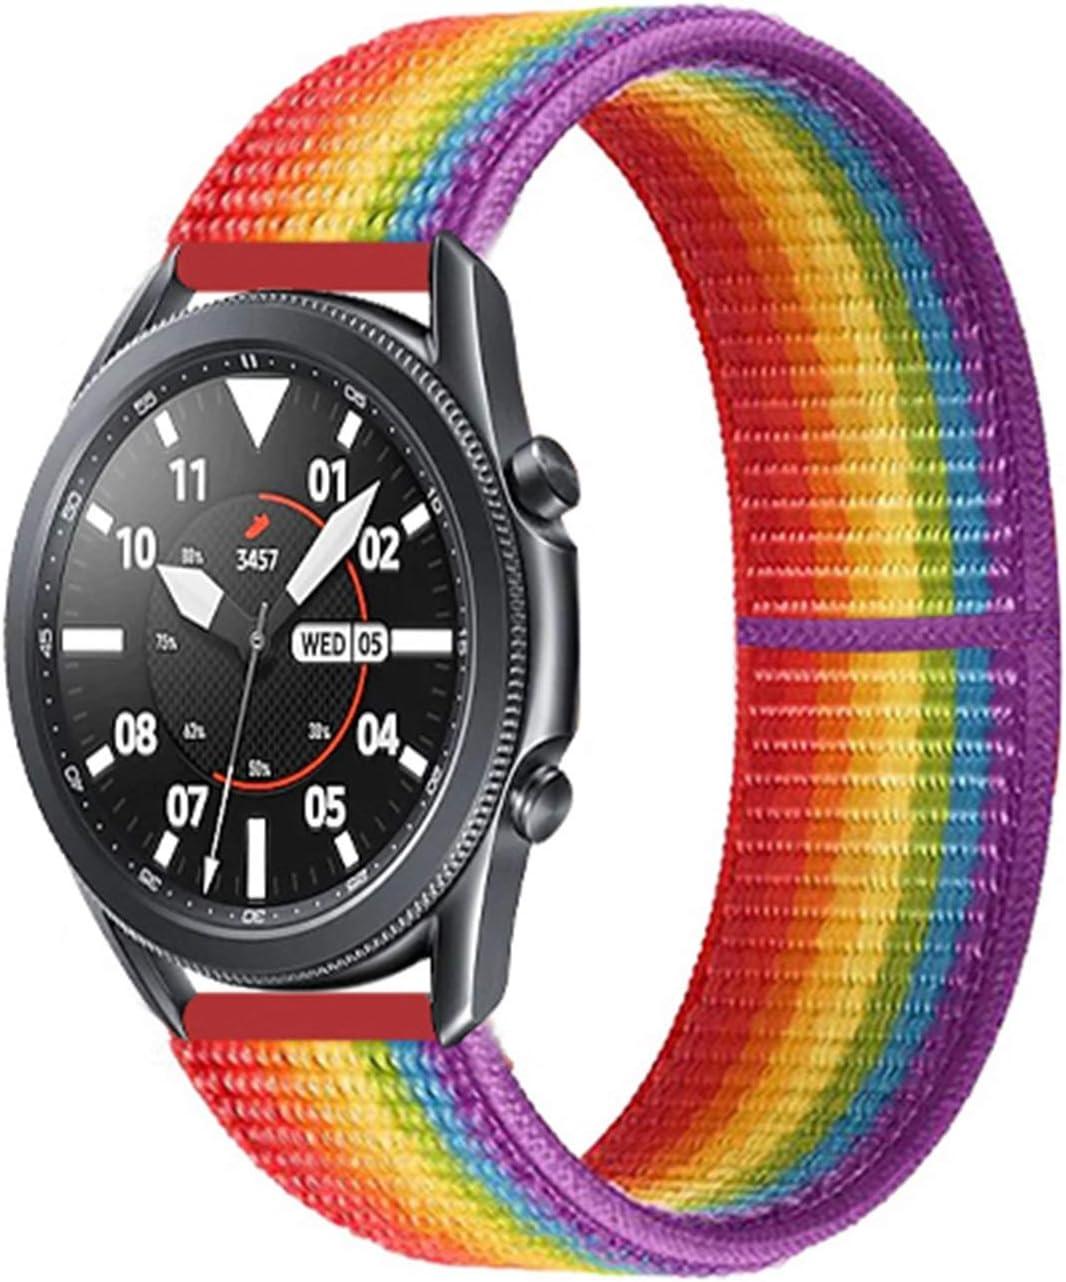 LJSKAFF 20 22mm Watch Band Ranking TOP14 for depot Strap Frontier Galaxy S3 Wat Gear